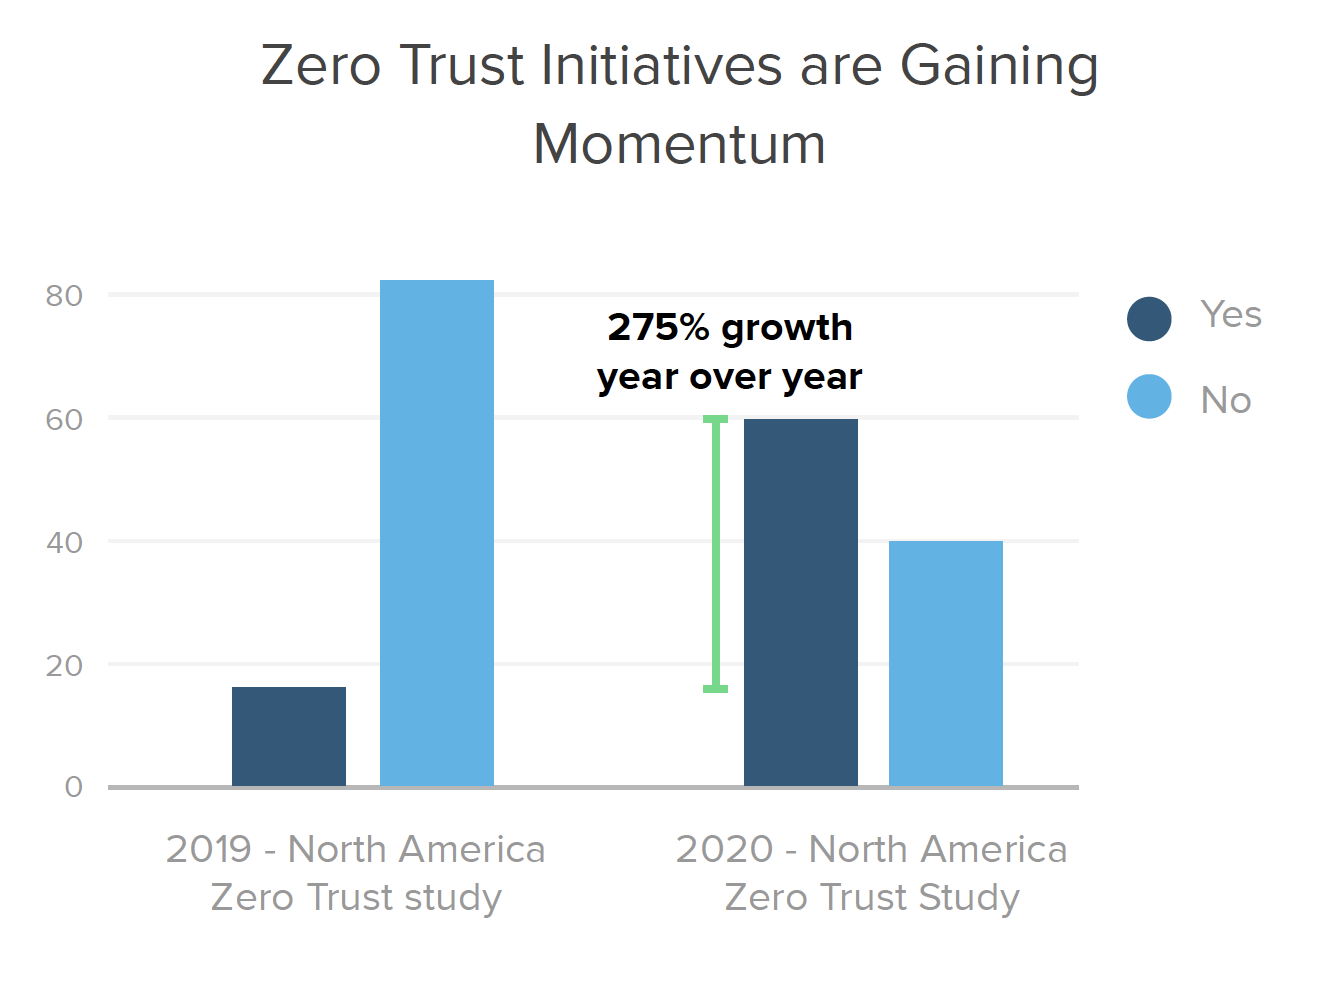 Zero Trust Initiatives are Gaining Momentum